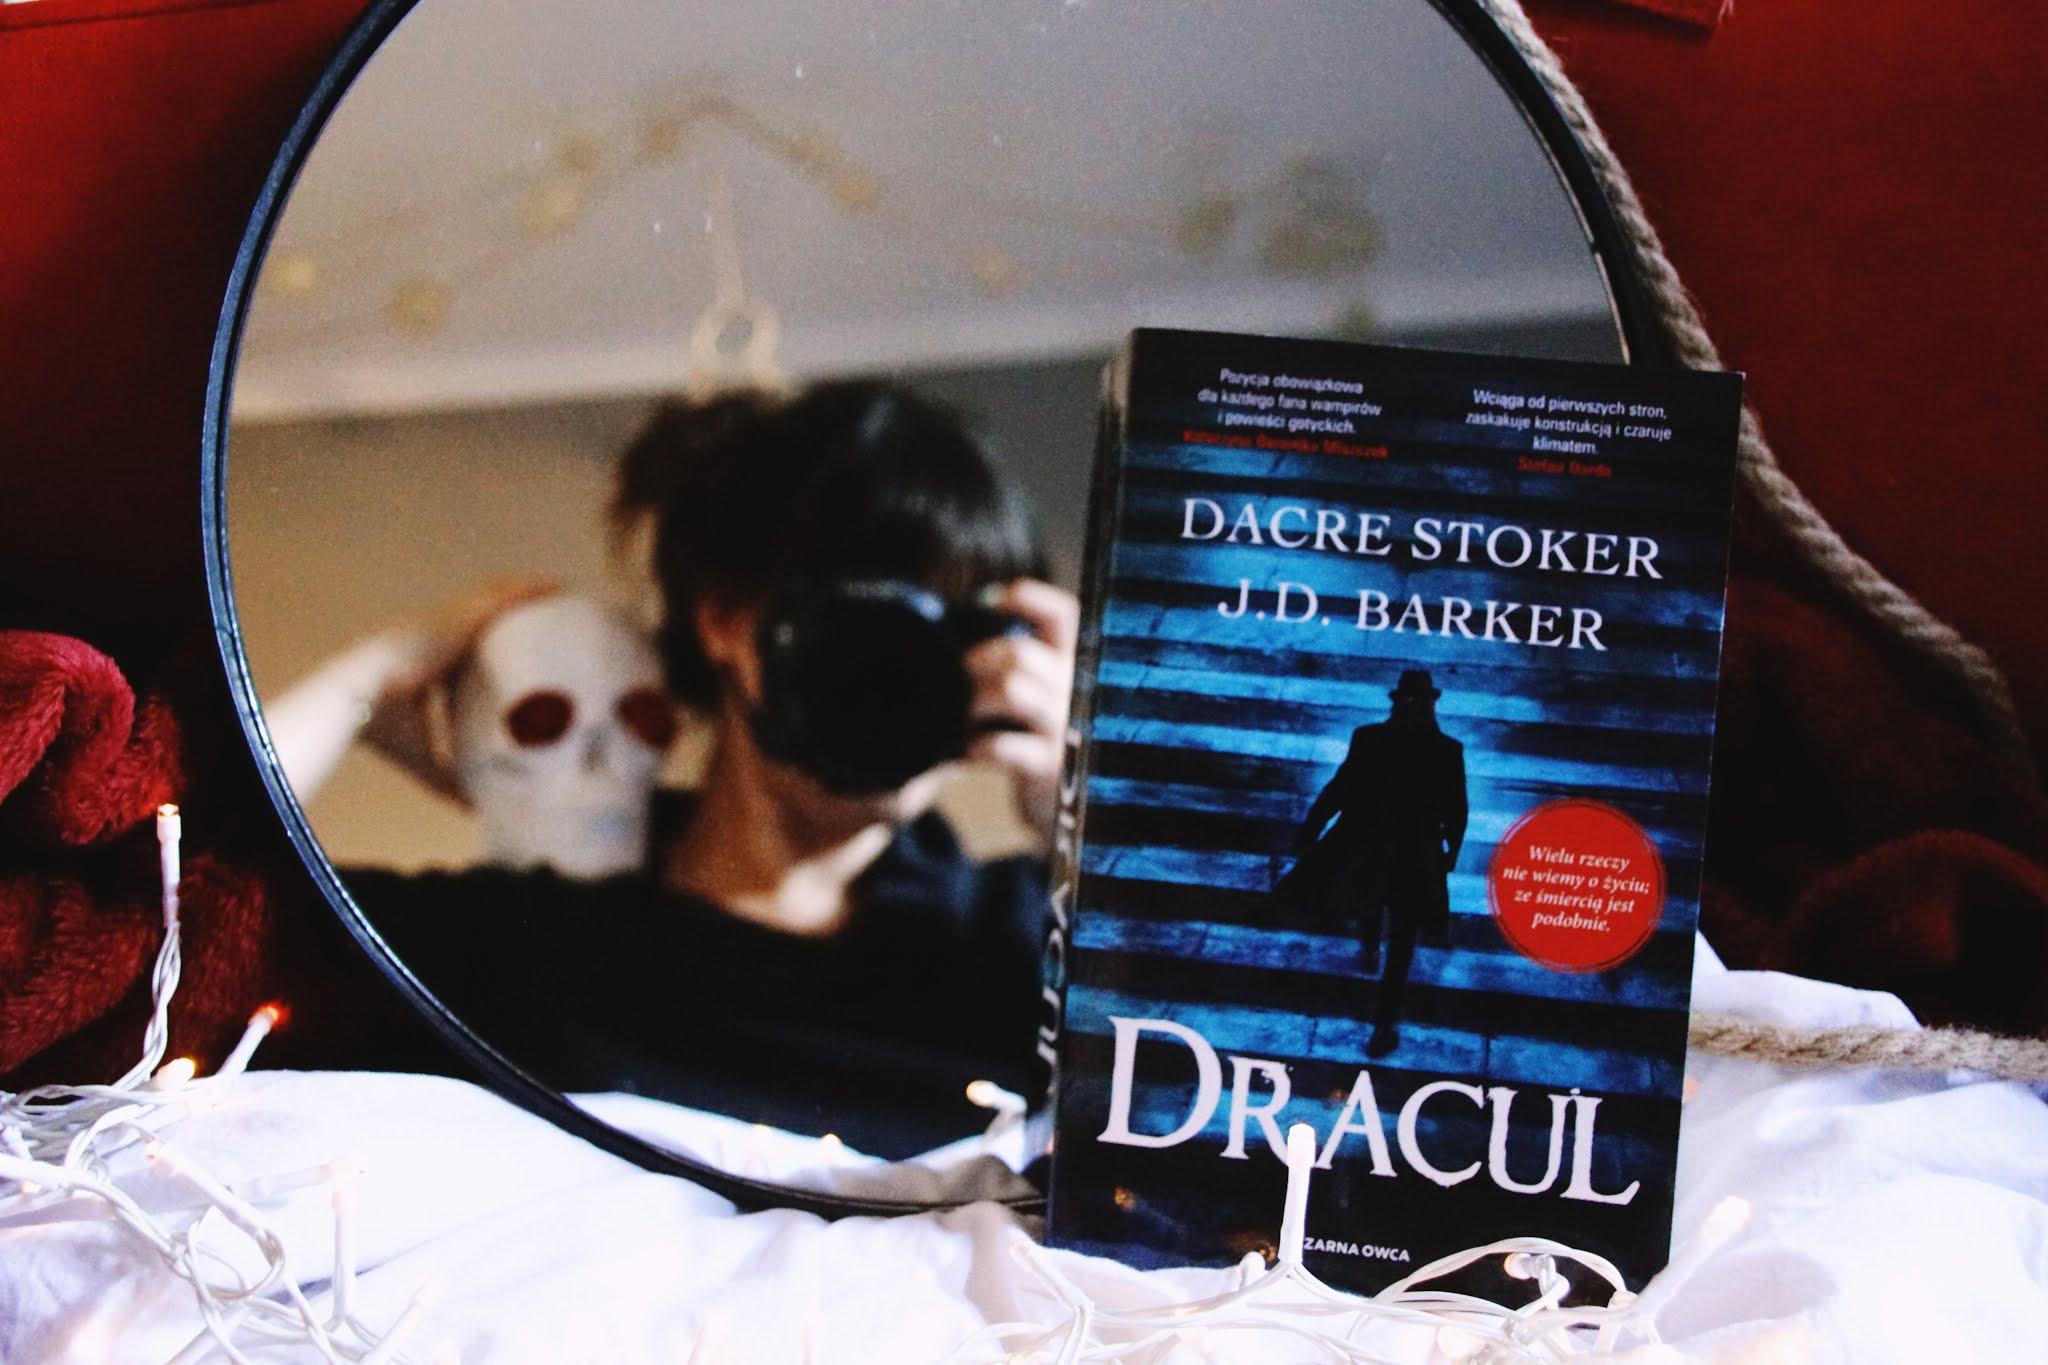 """240. Dacre Stoker, J. D. Barker """"Dracul"""""""